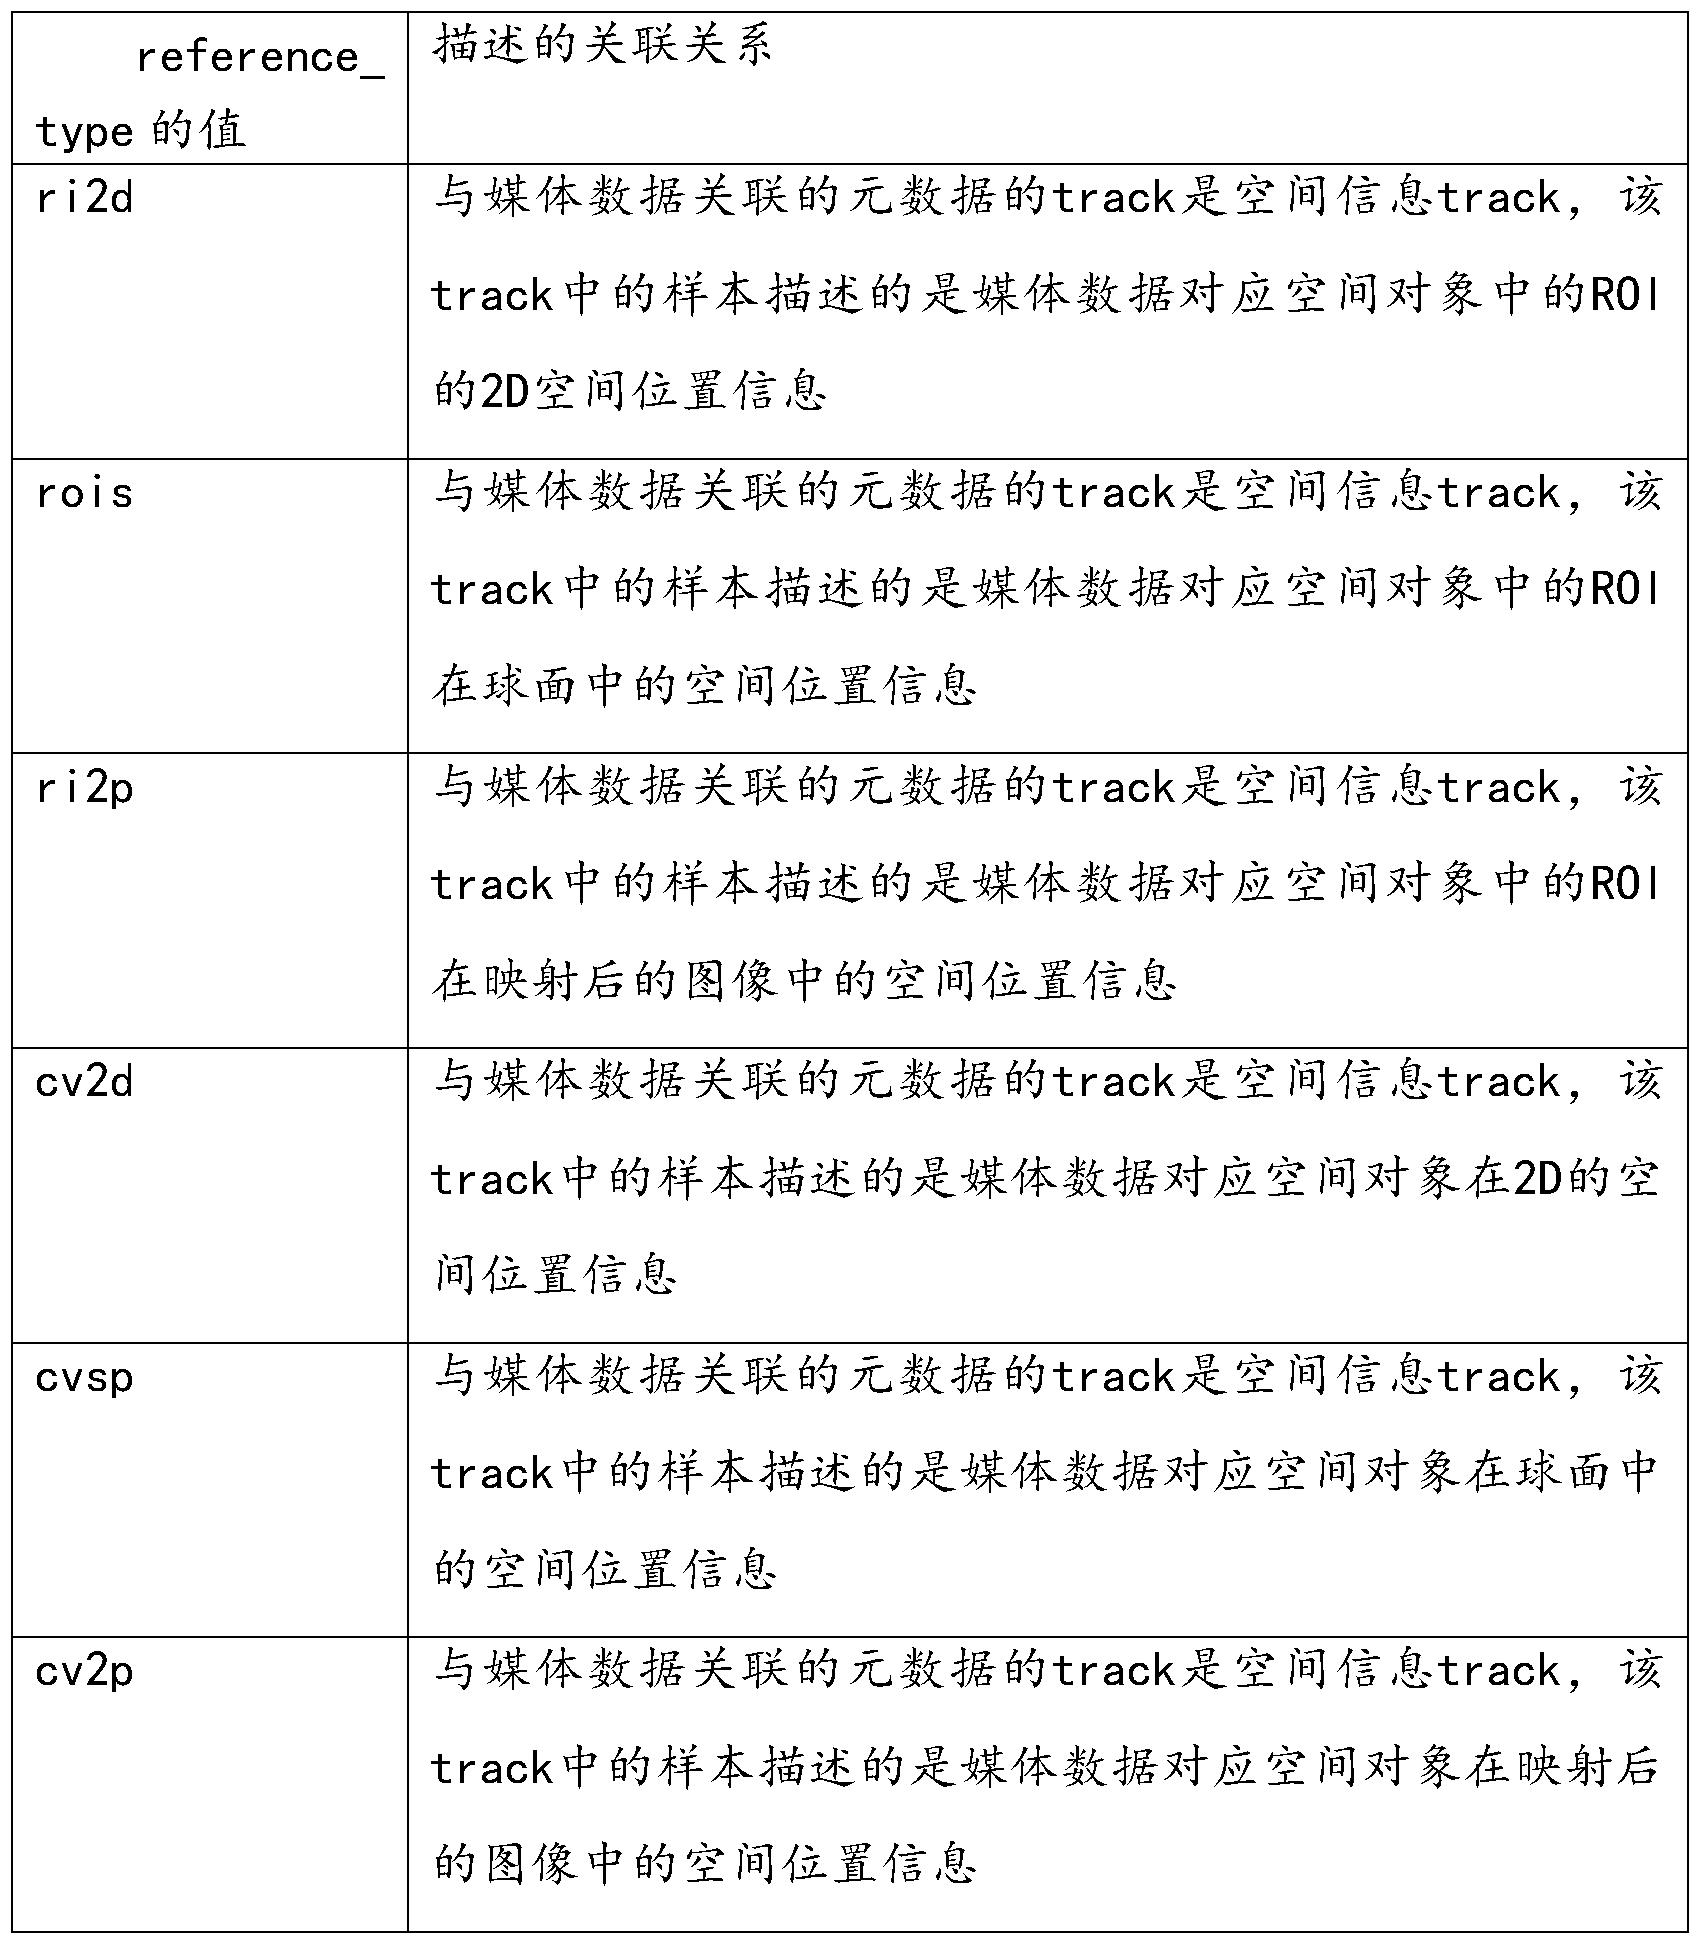 Figure PCTCN2017078585-appb-000001